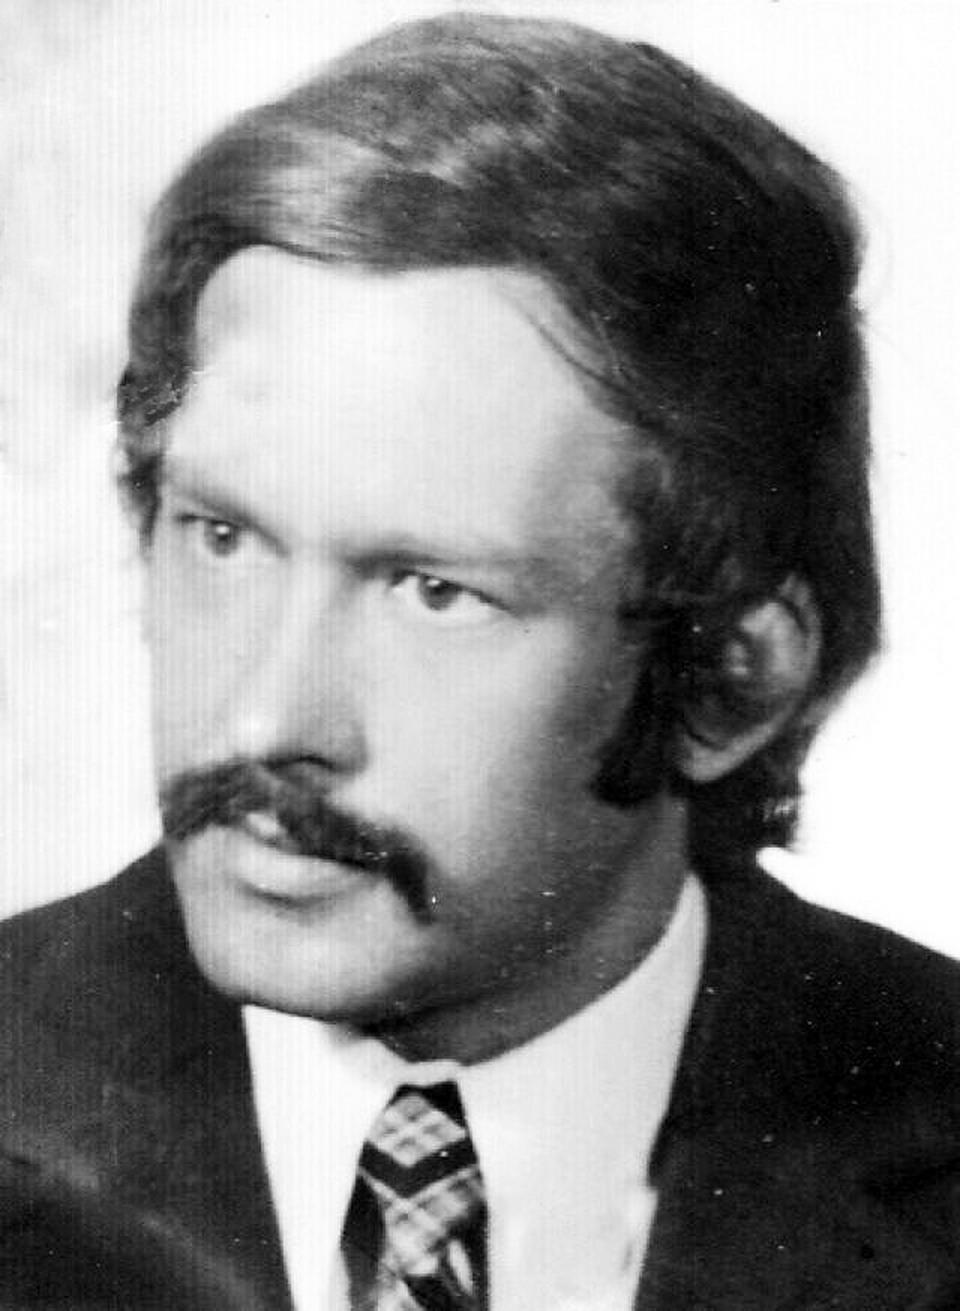 Steinhoff_1989